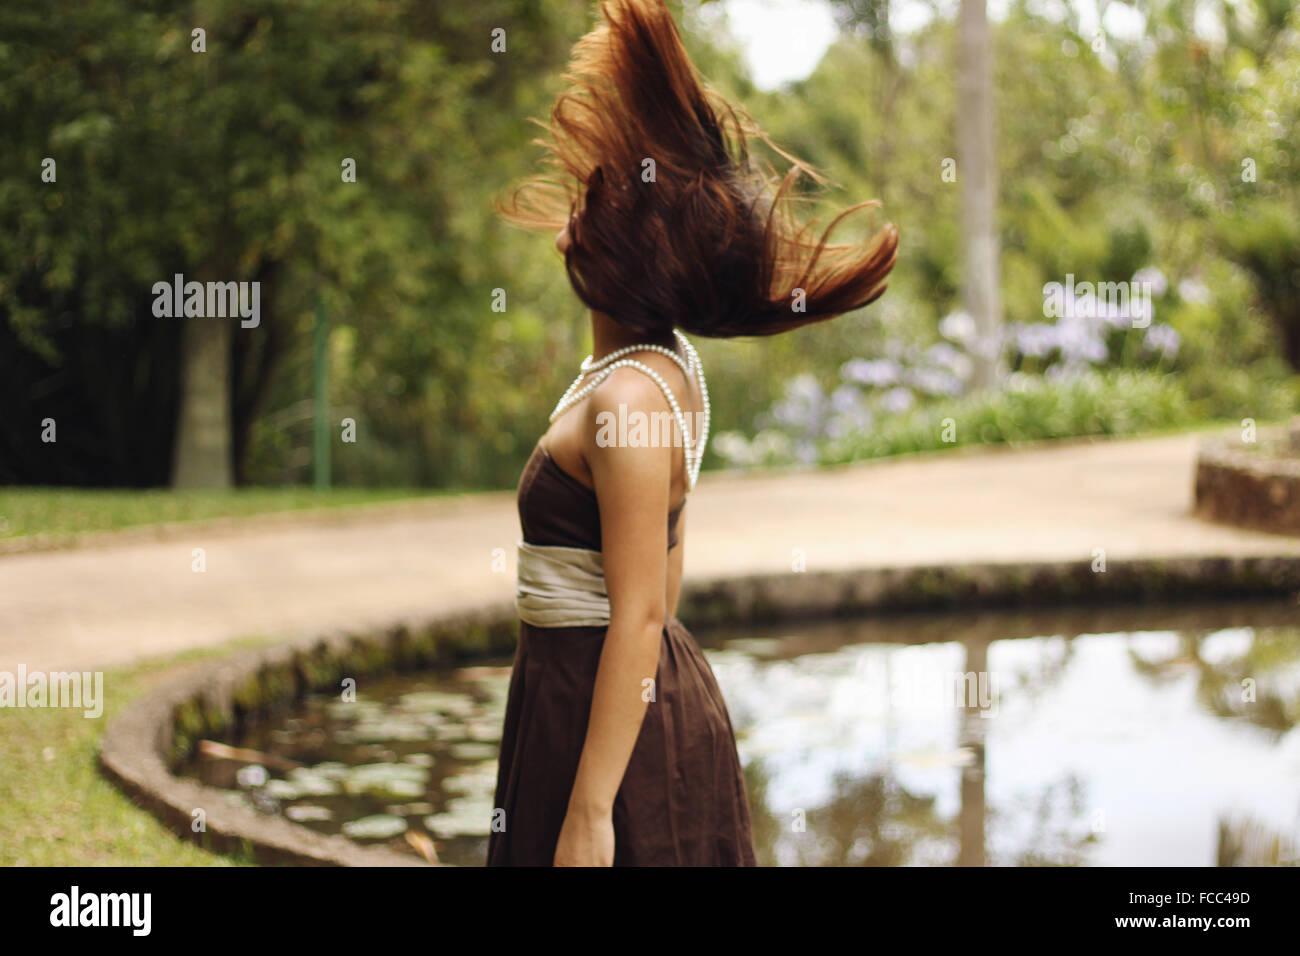 Vue latérale d'une femme avec les cheveux bruns soufflé par Campagne Lac Photo Stock